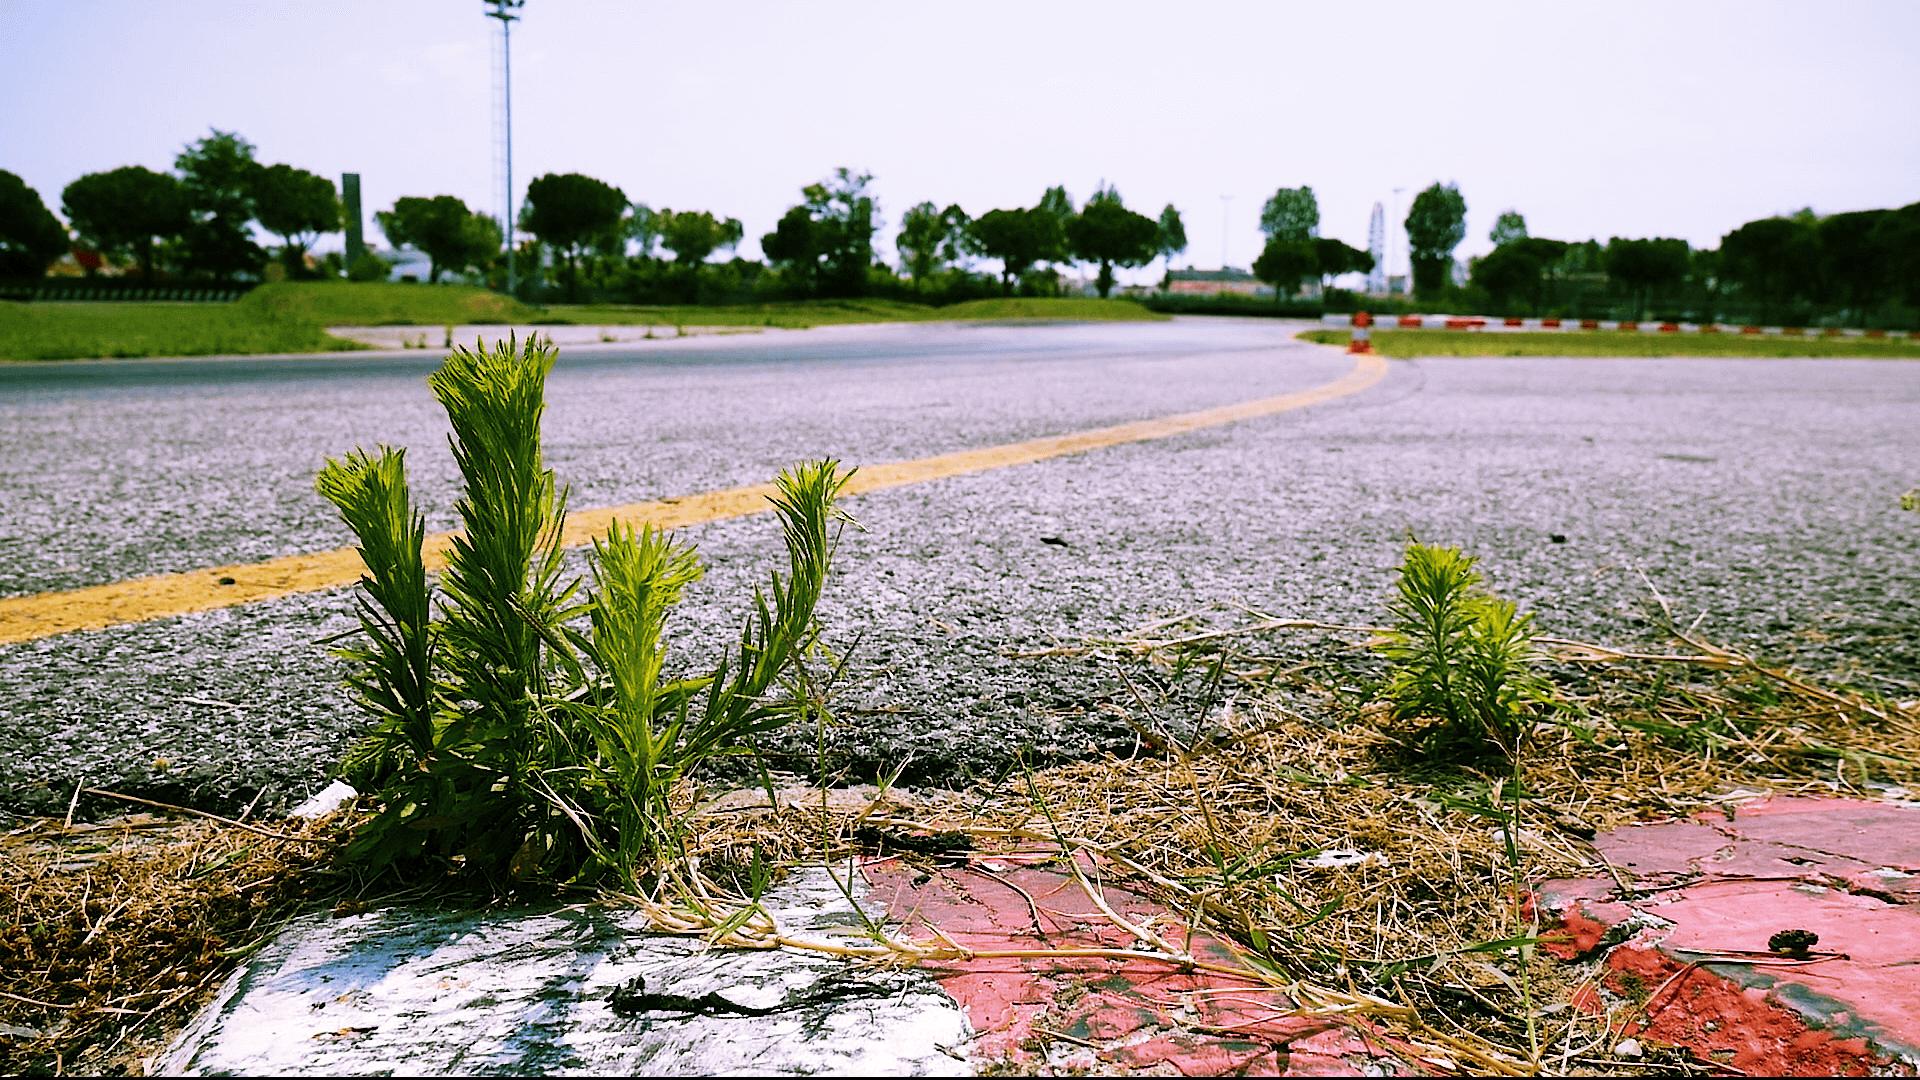 Ein Streckenabschnitt von der Rennstrecke in Jesolo